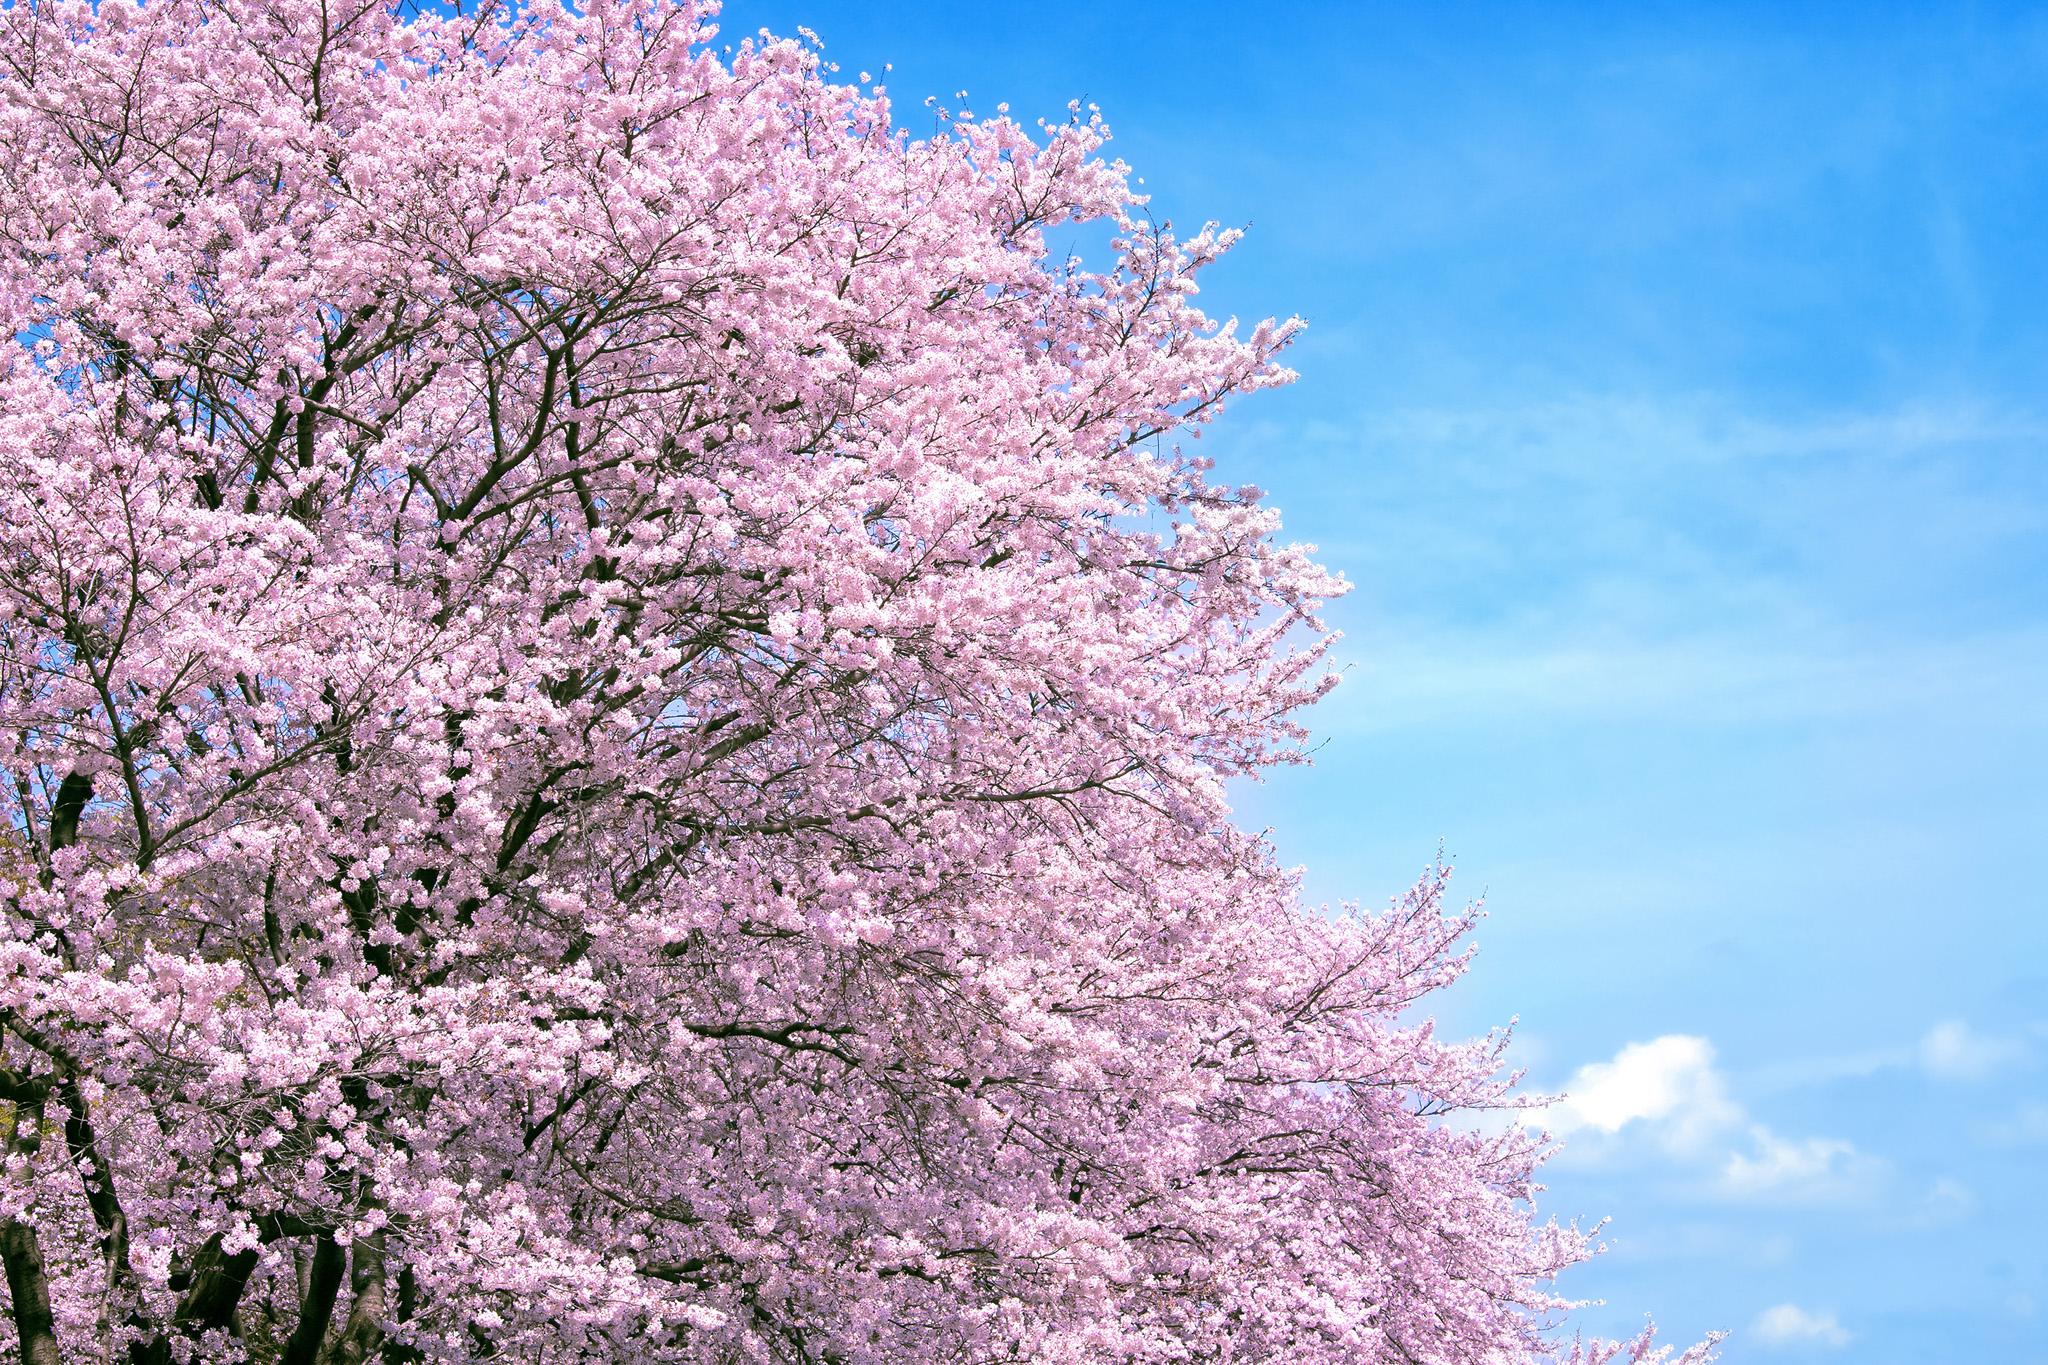 「穏やかな春空と満開の桜並木」